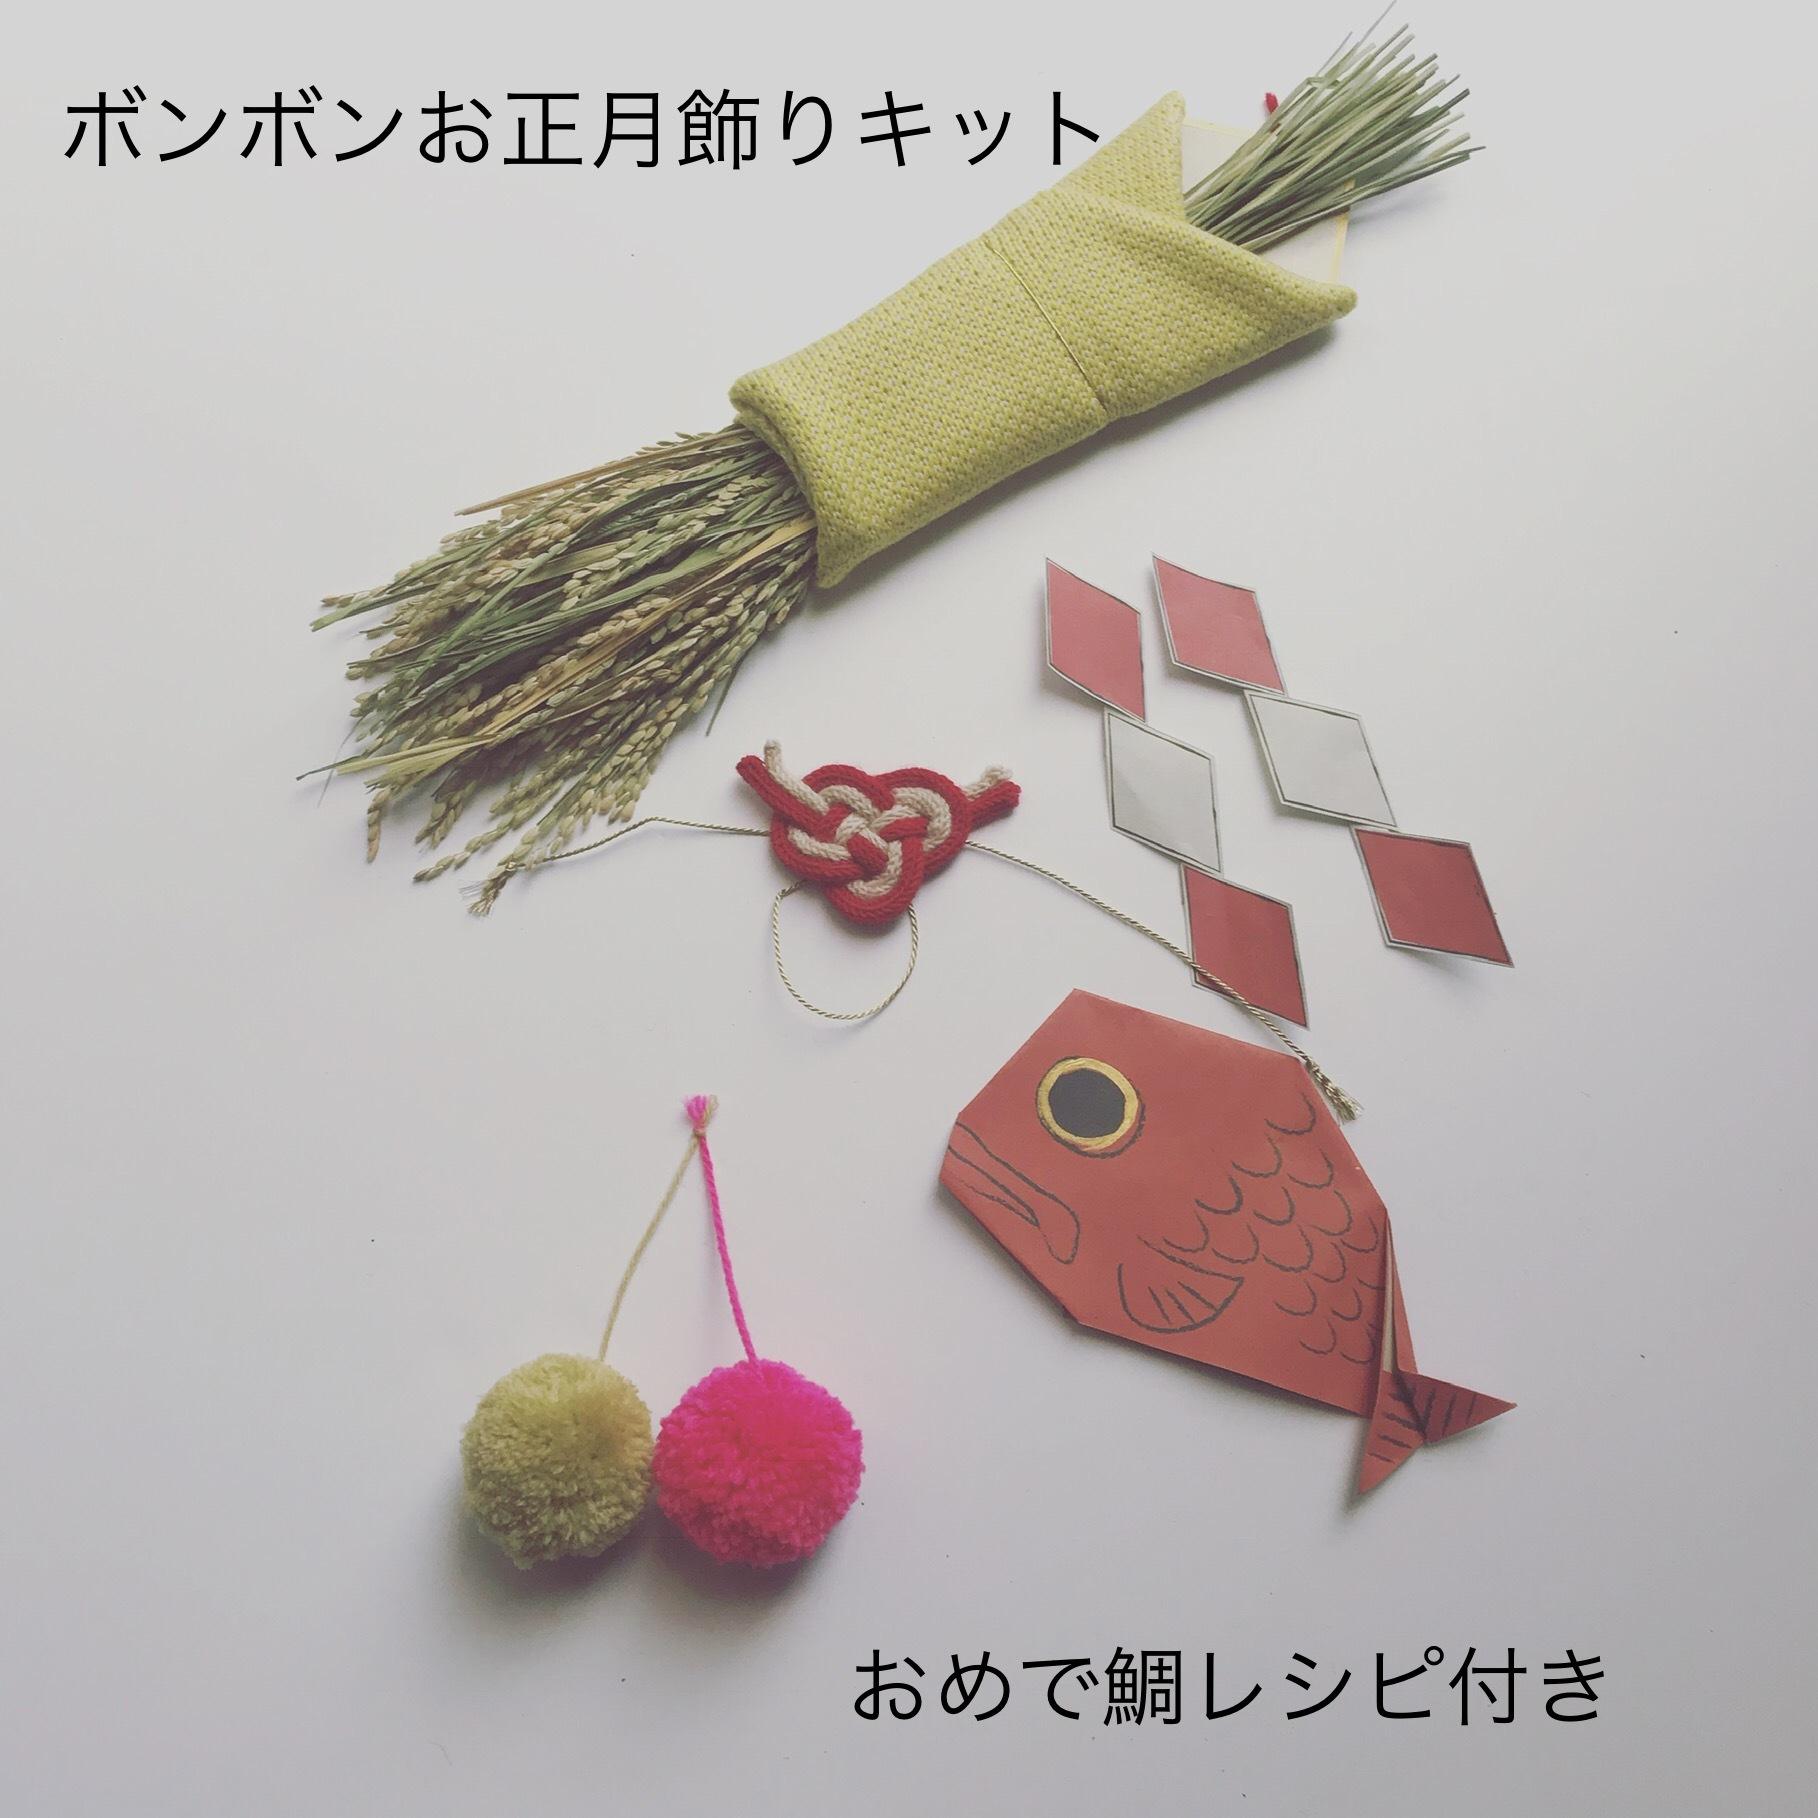 【キット】ボンボンお正月飾りキット